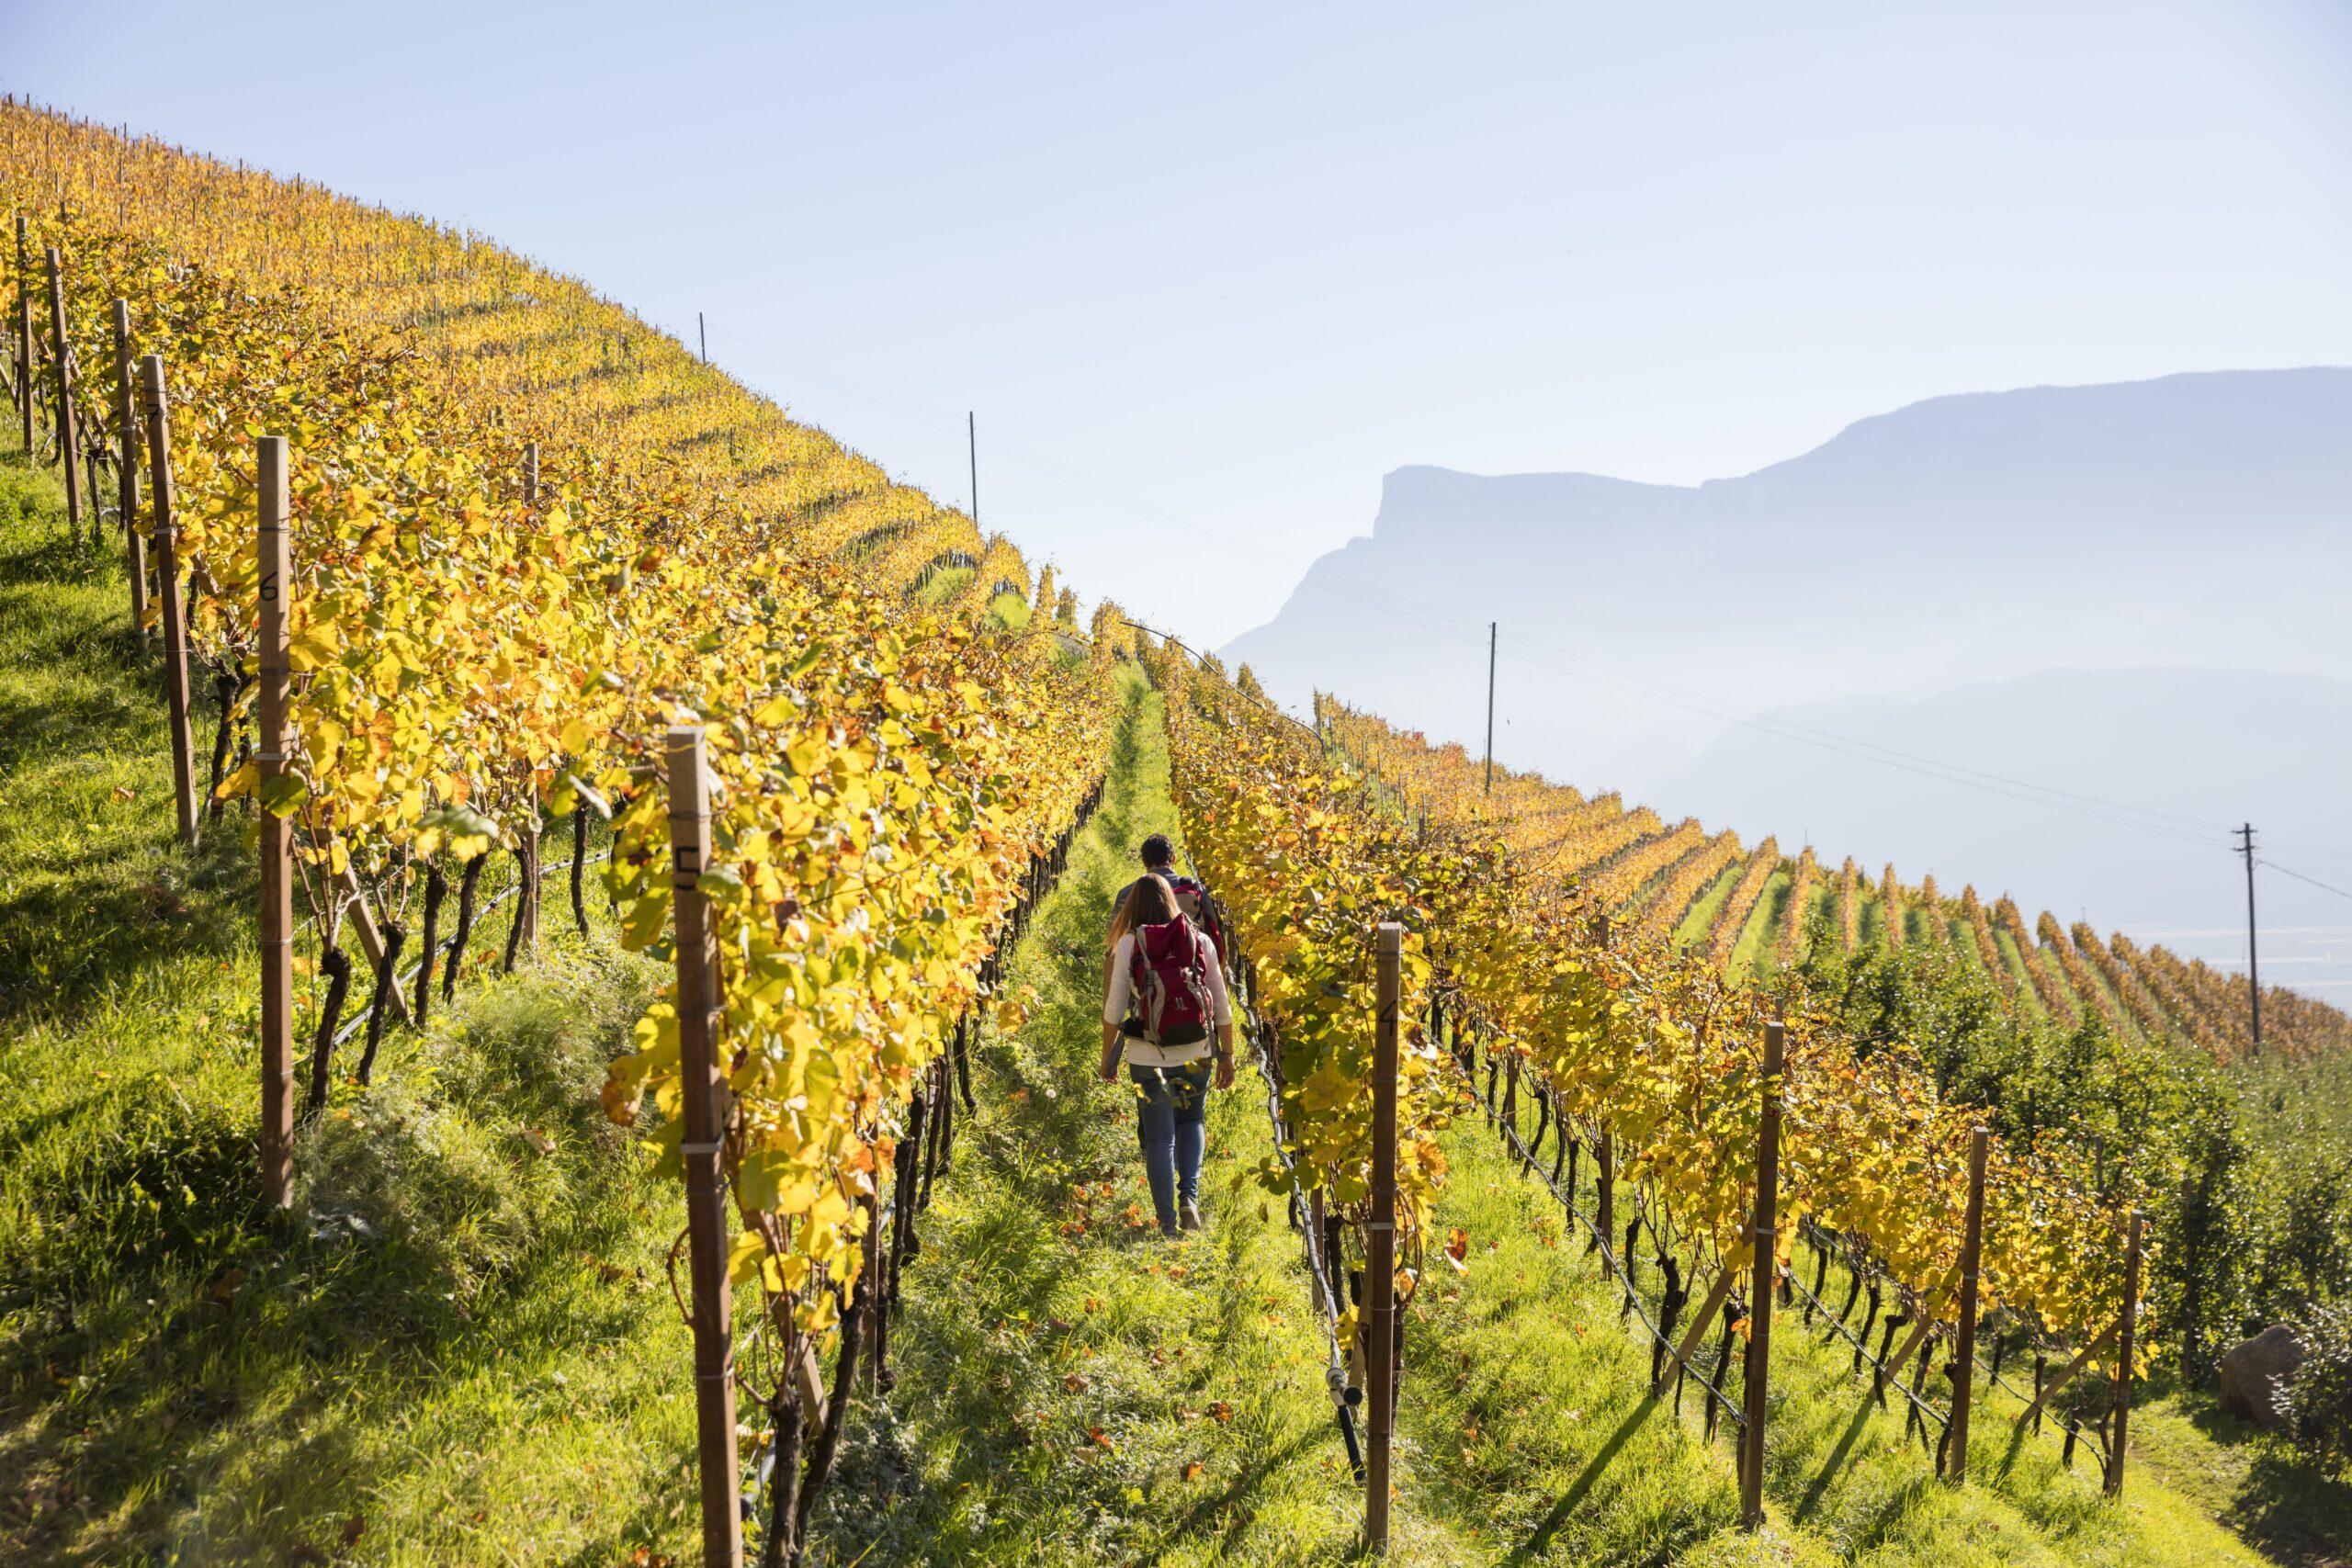 Im Herbst färben sich die weitläufigen Weinberge